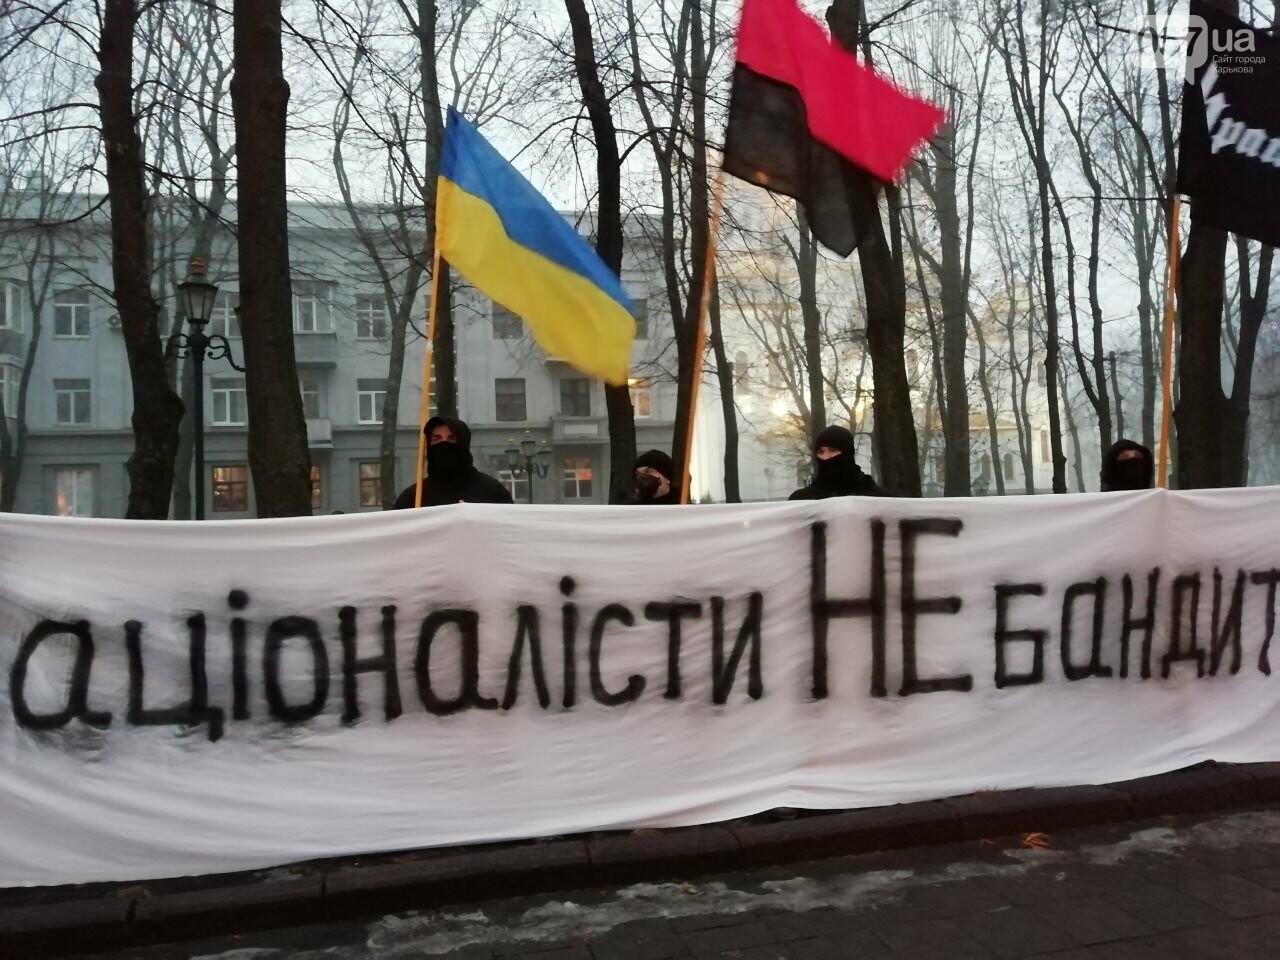 «Мусора - не люди»: из-за слов Авакова в центре Харькова активисты пикетировали облуправление полиции, - ФОТО, фото-1